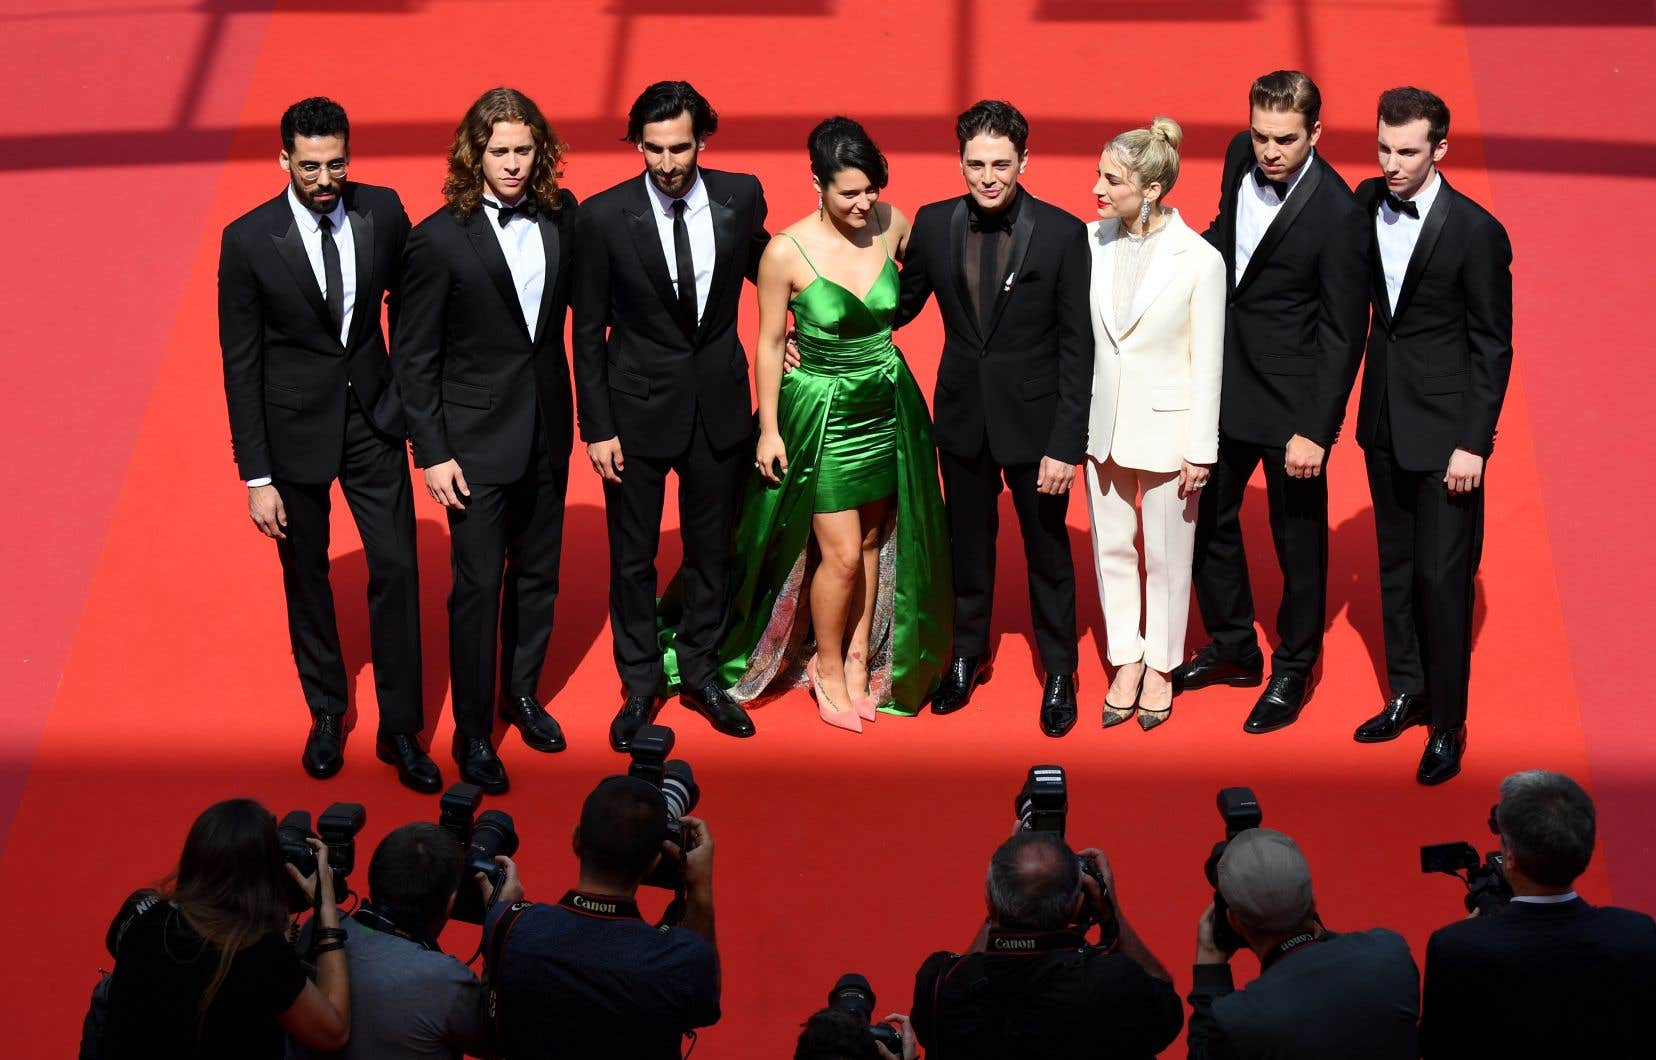 Le réalisateur Xavier Dolanétait notamment entouré des acteurs Catherine Brunet, Antoine Pilon, Gabriel D'Almeida Freitas, Adib Alkhalidey et Pierre-Luc Funk.